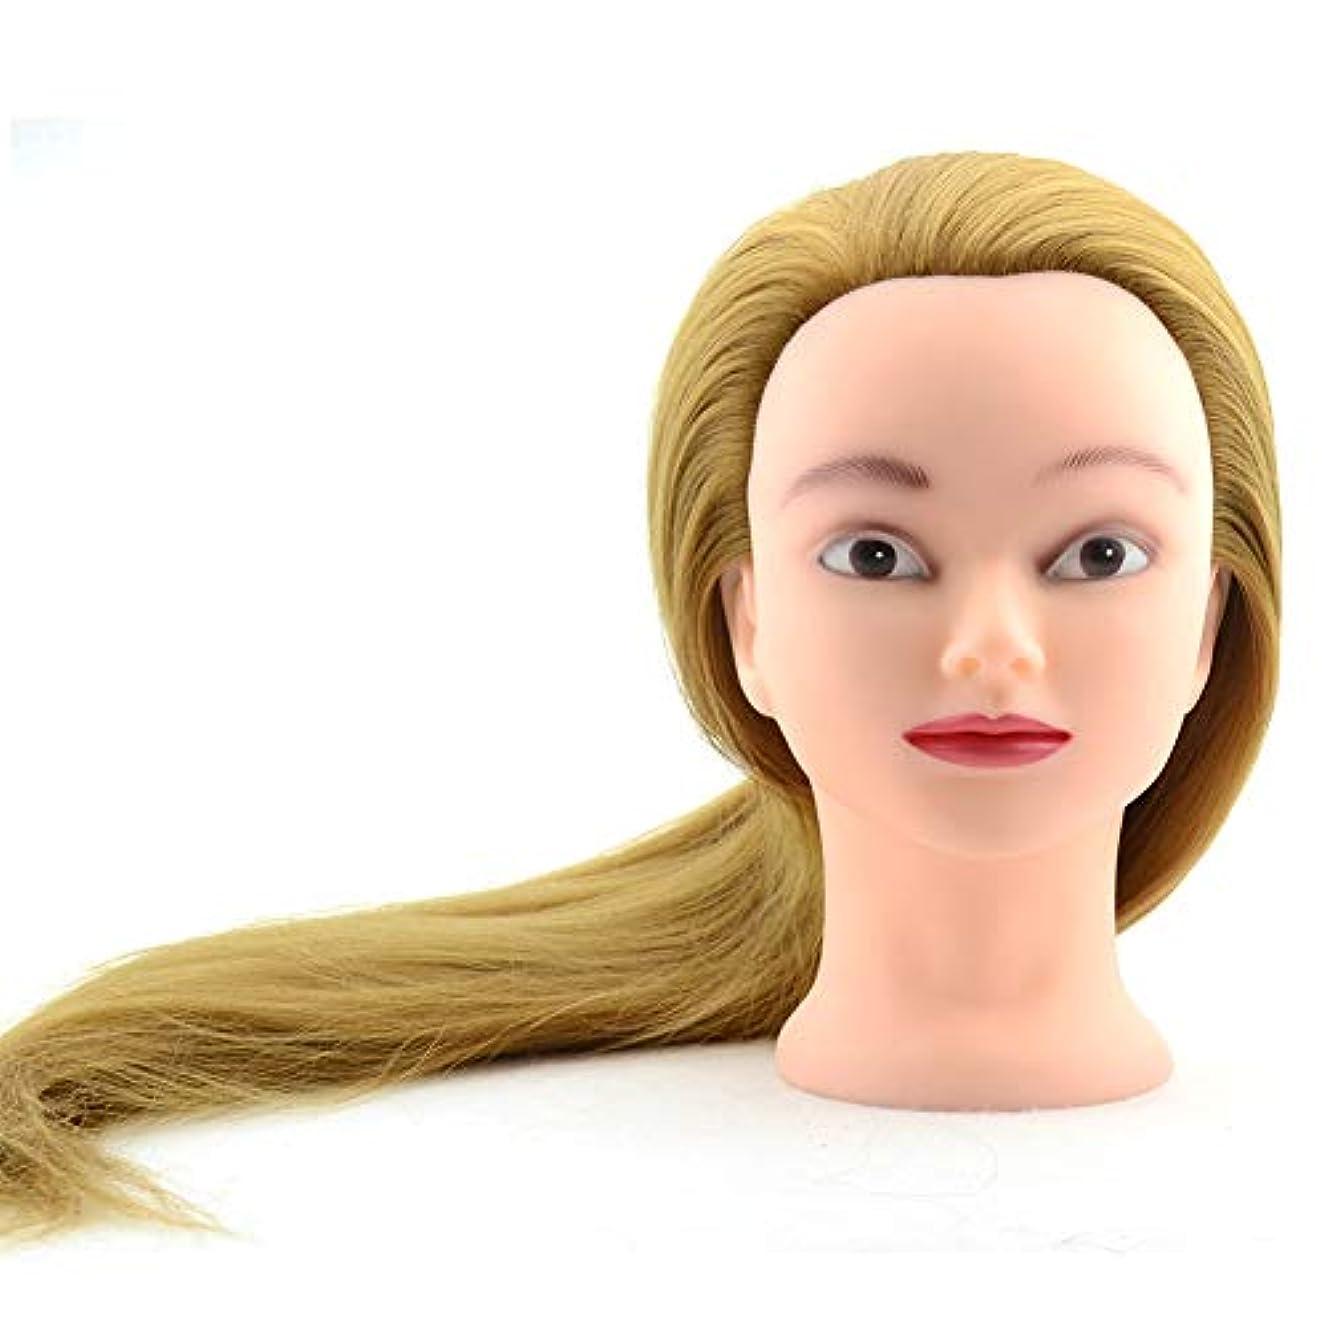 祖先どうやって見分ける化学繊維ウィッグモデルヘッド理髪店学習ゴールデンヘアーダミーヘッドブライダルメイクスタイリングエクササイズヘッドモード